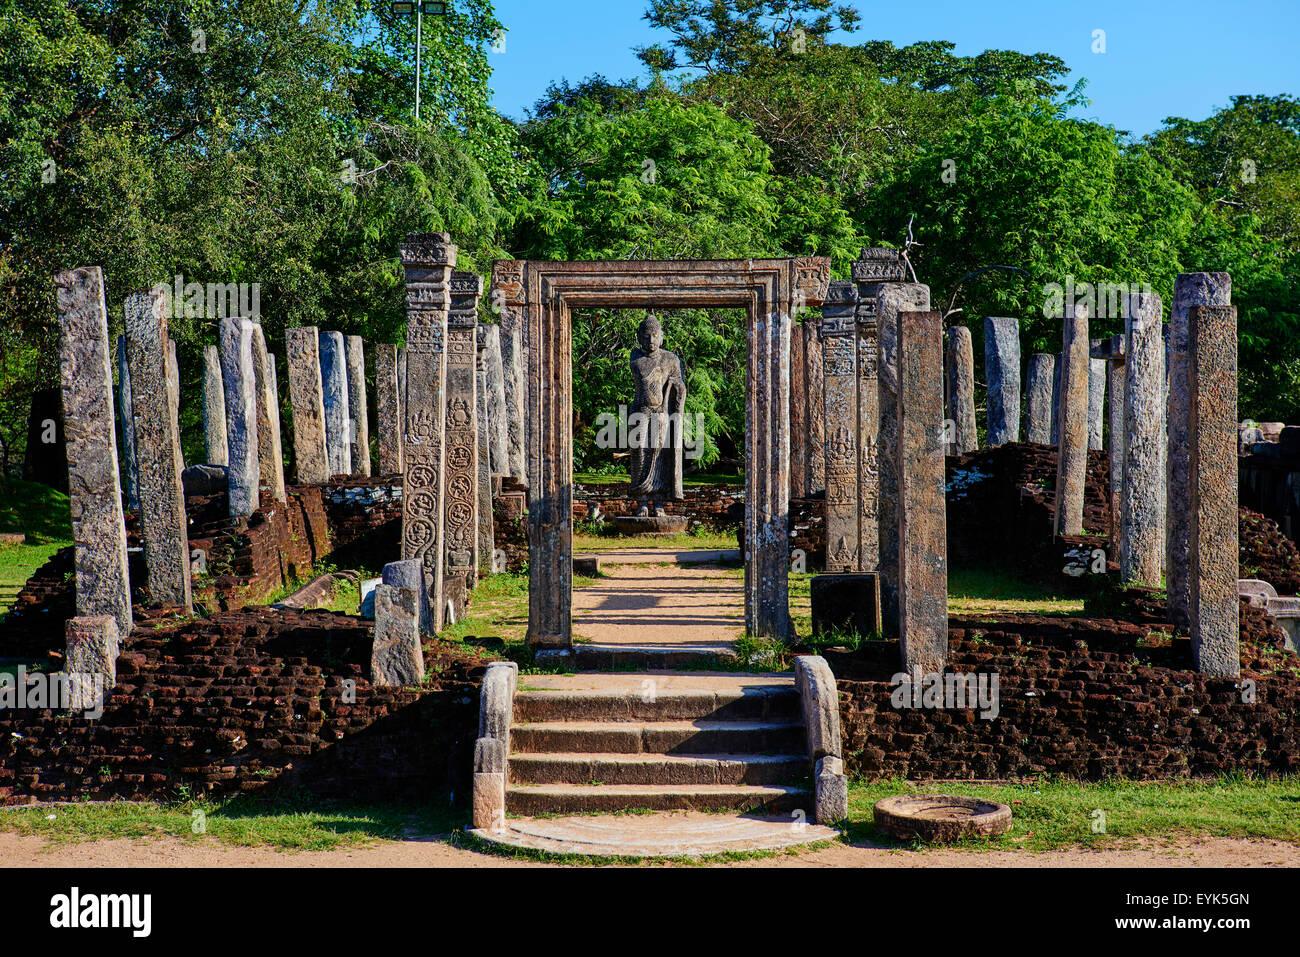 Sri Lanka, Ceylon, North Central Province, ancient city of Polonnaruwa, UNESCO World Heritage Site, quadrangle, - Stock Image